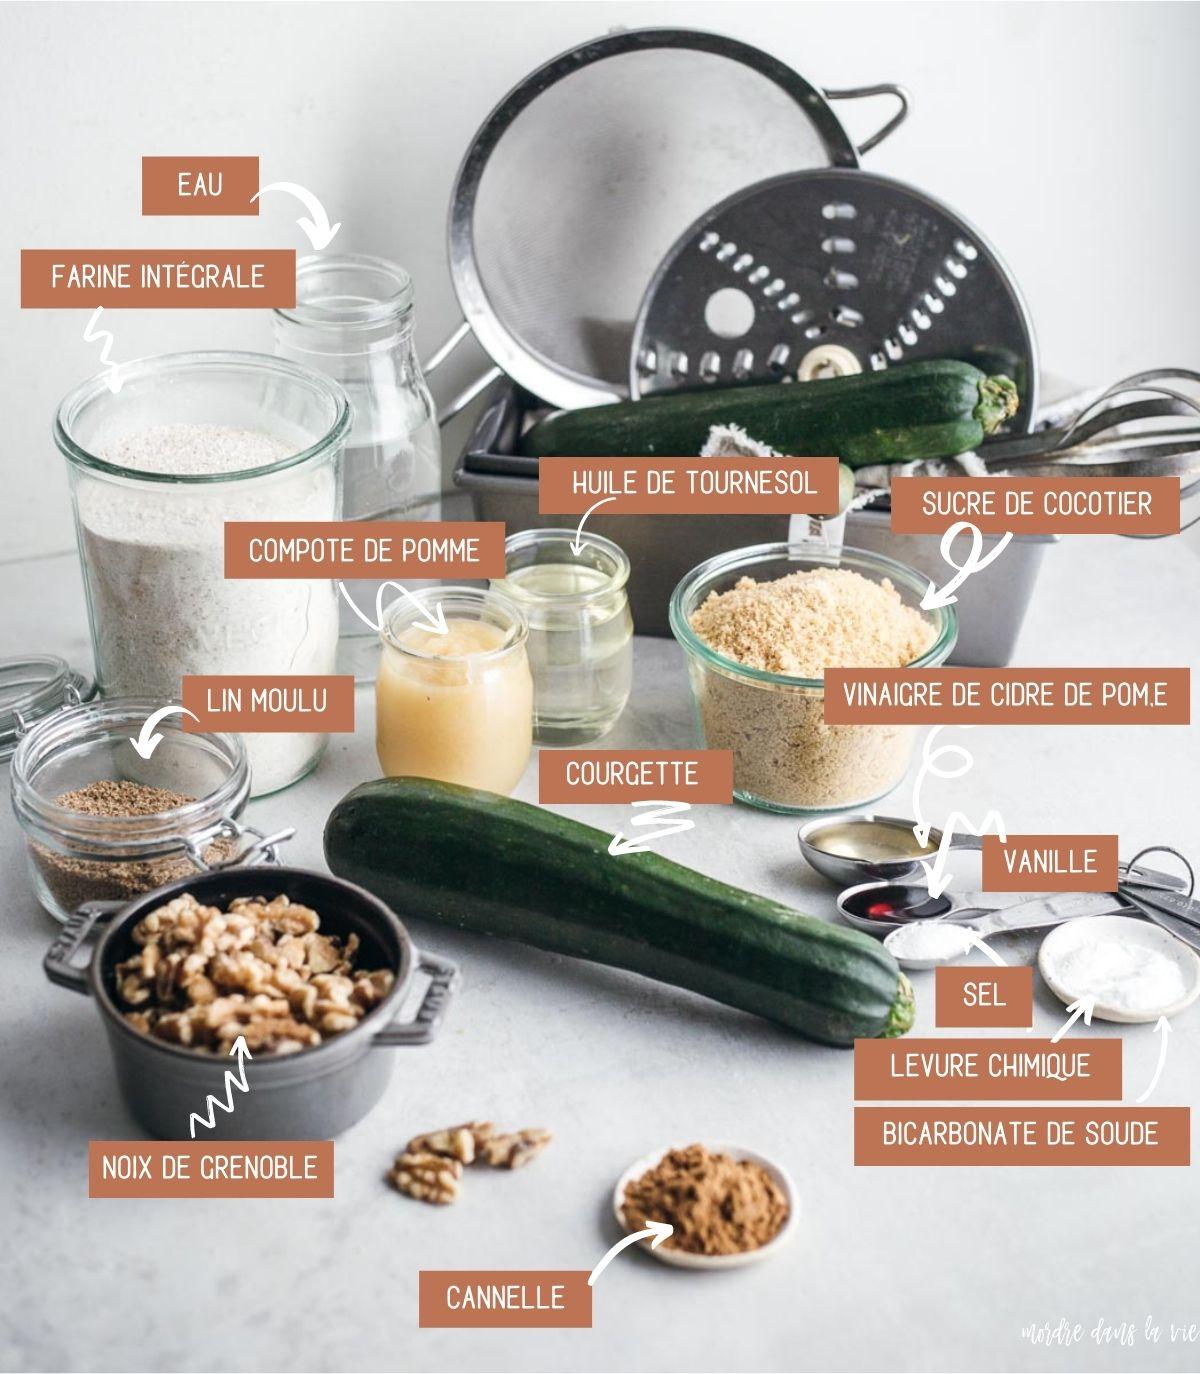 Ingrédients du pain aux courgettes végétalien étalés sur une surface